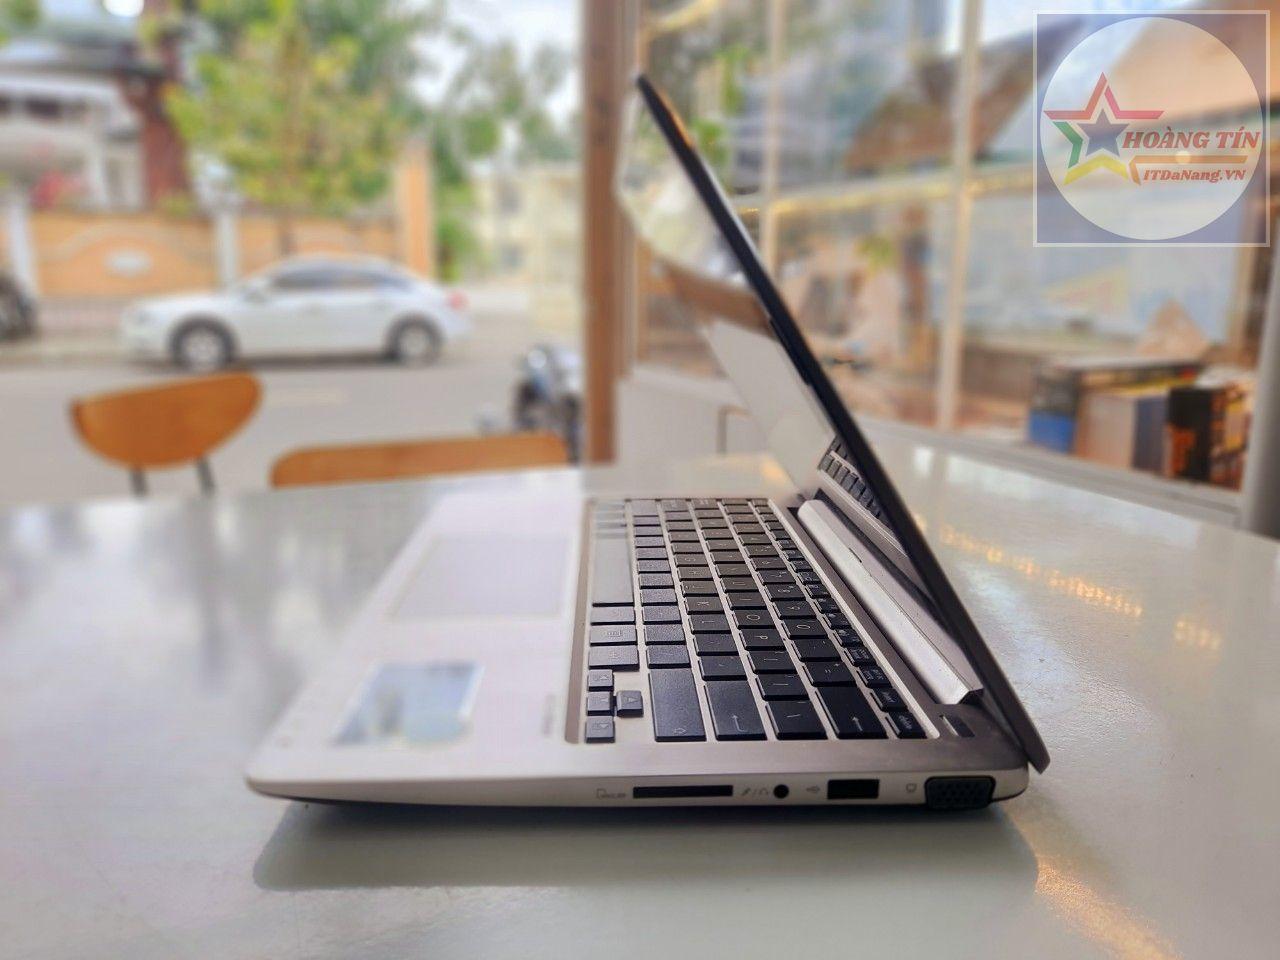 Laptop giá rẻ tại Đà Nẵng